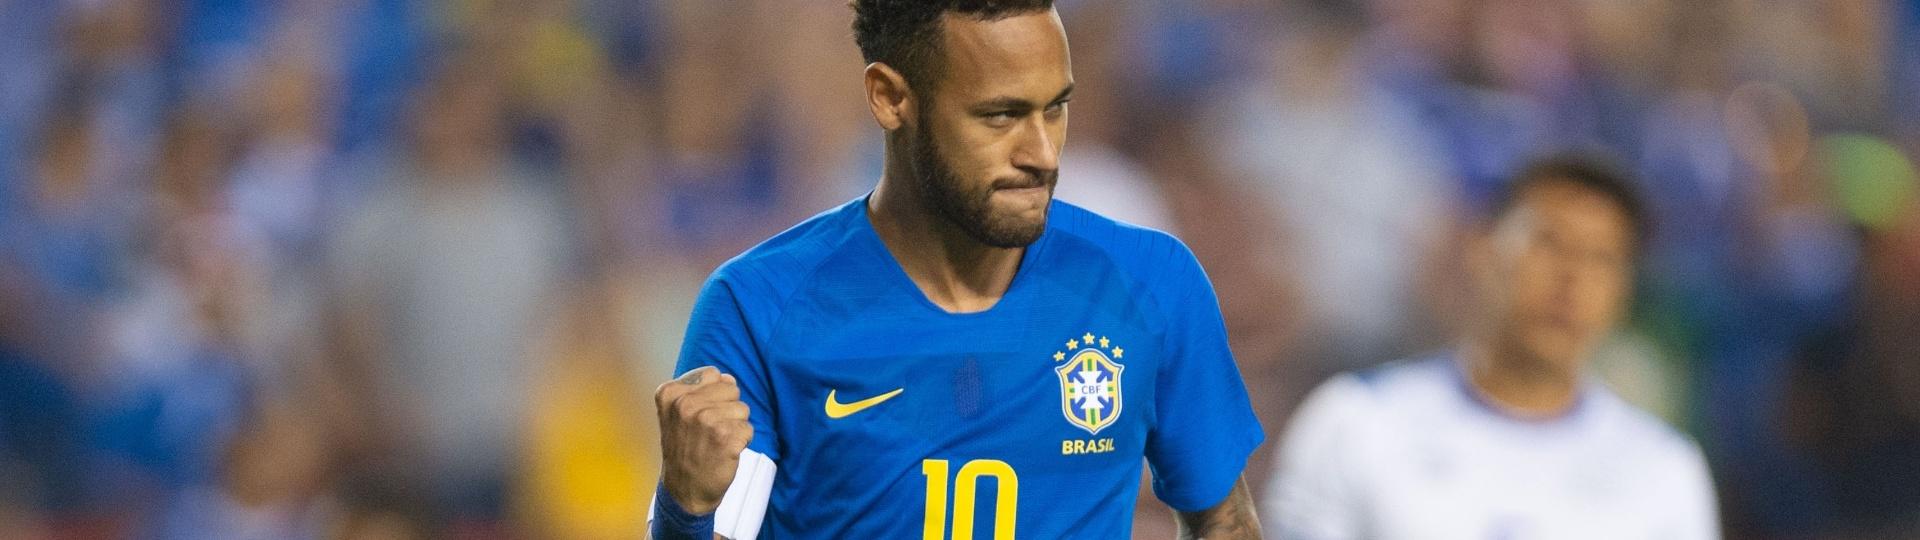 Neymar comemora primeiro gol do Brasil sobre El Salvador em amistoso disputado nos EUA